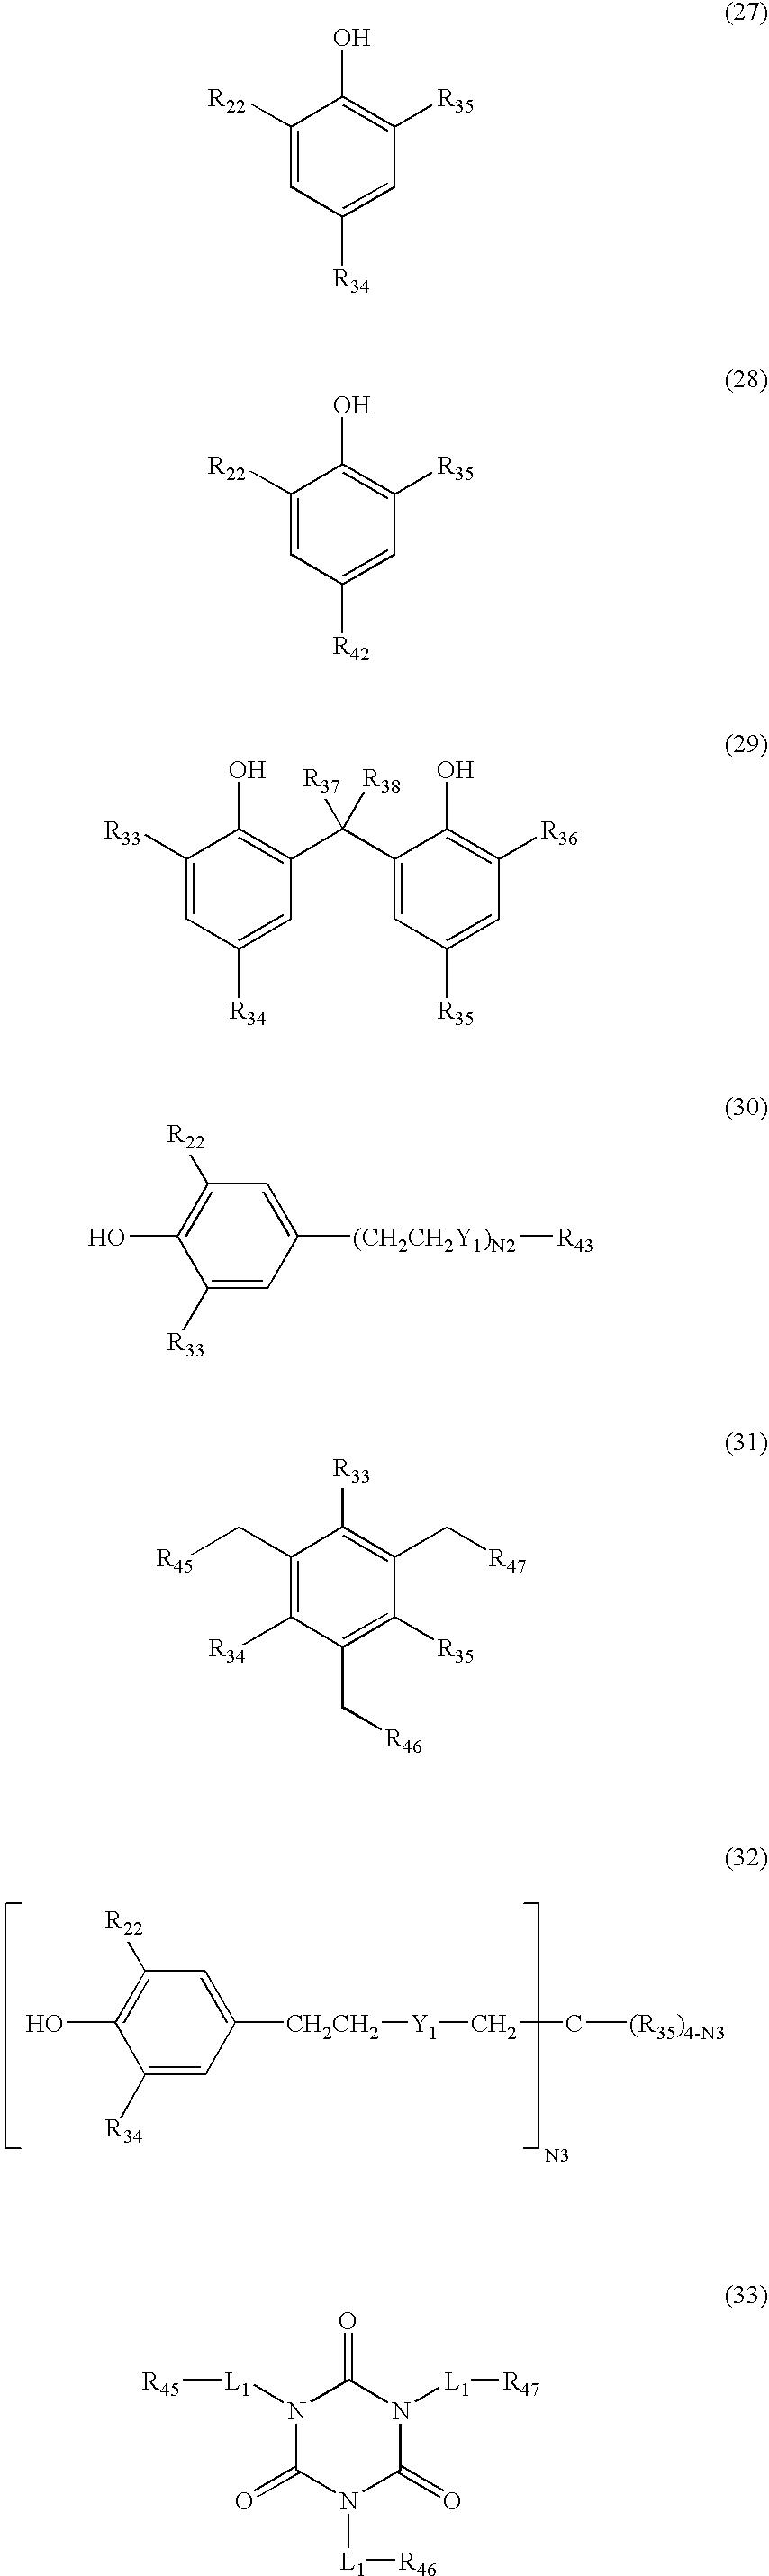 Figure US20040192813A1-20040930-C00048